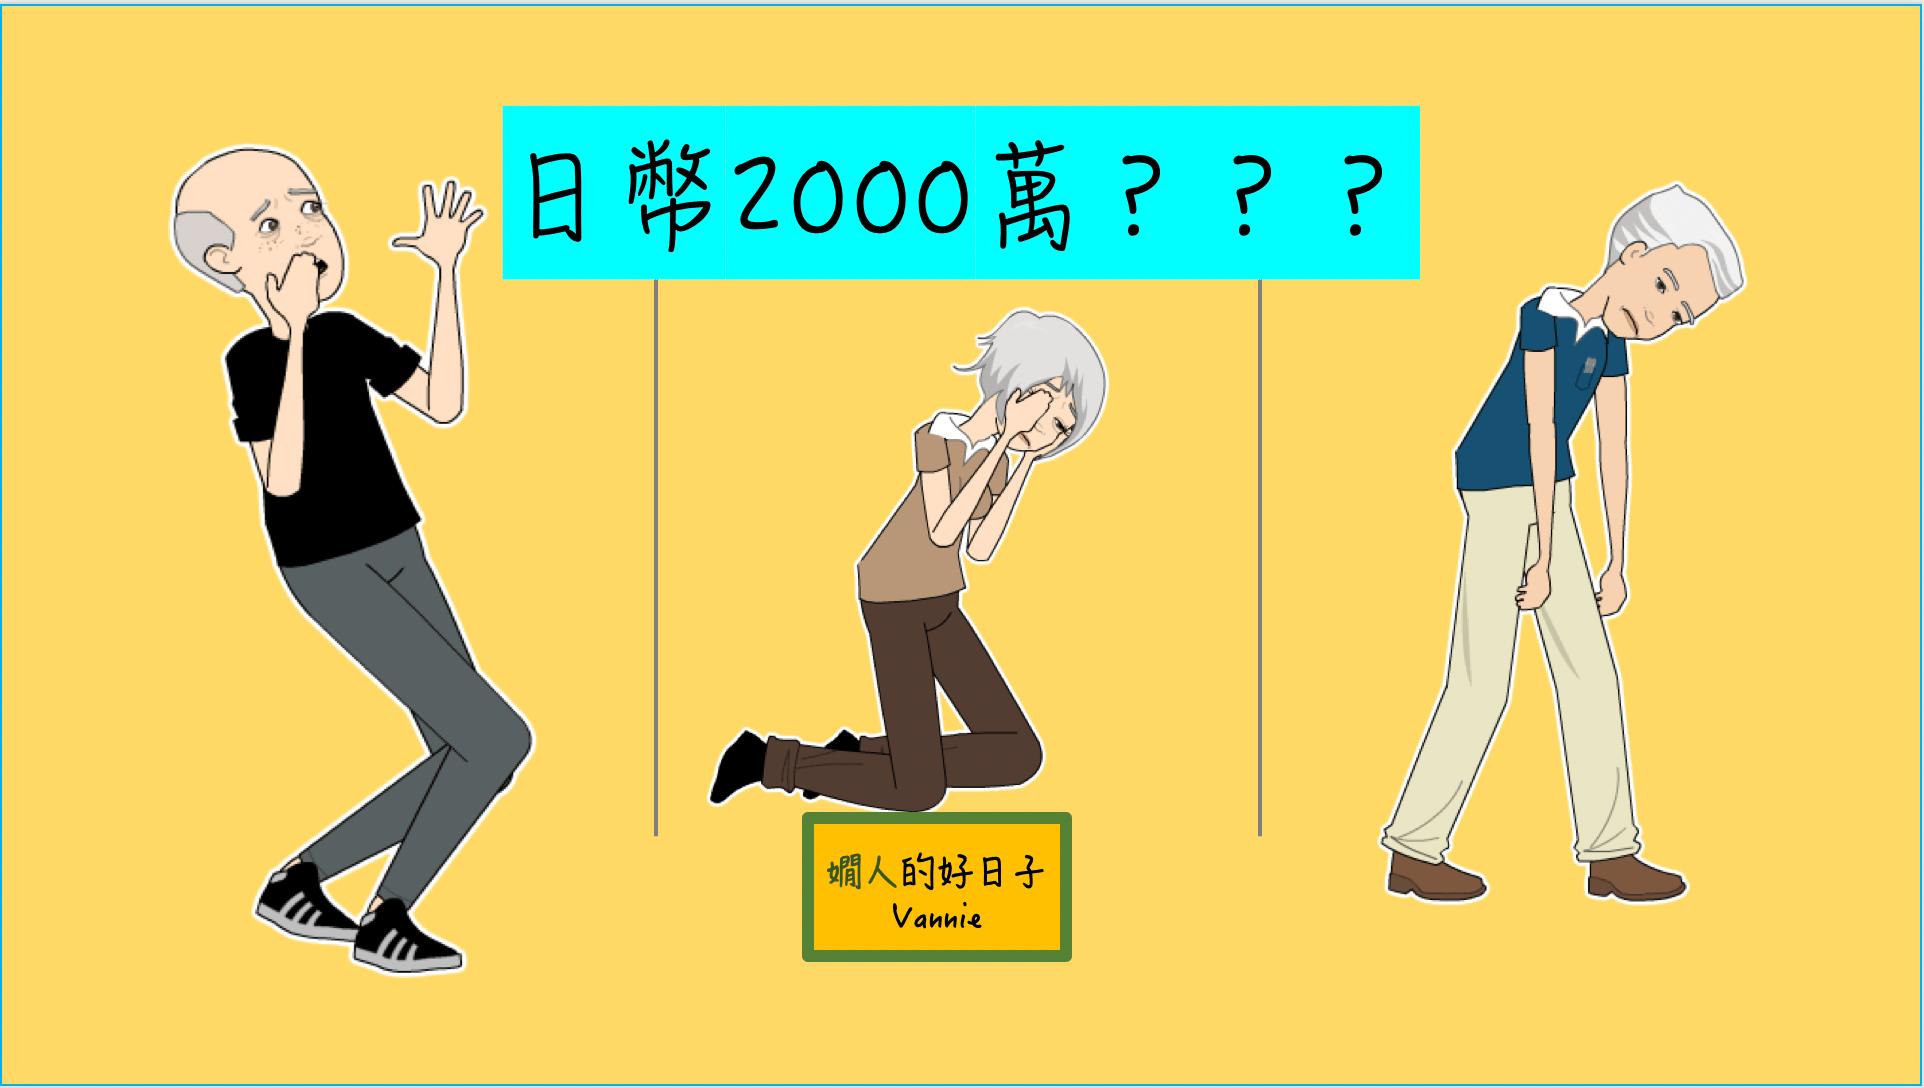 日本年金 也缺2000萬日幣,哎,別成了又貴又難吃的餐廳